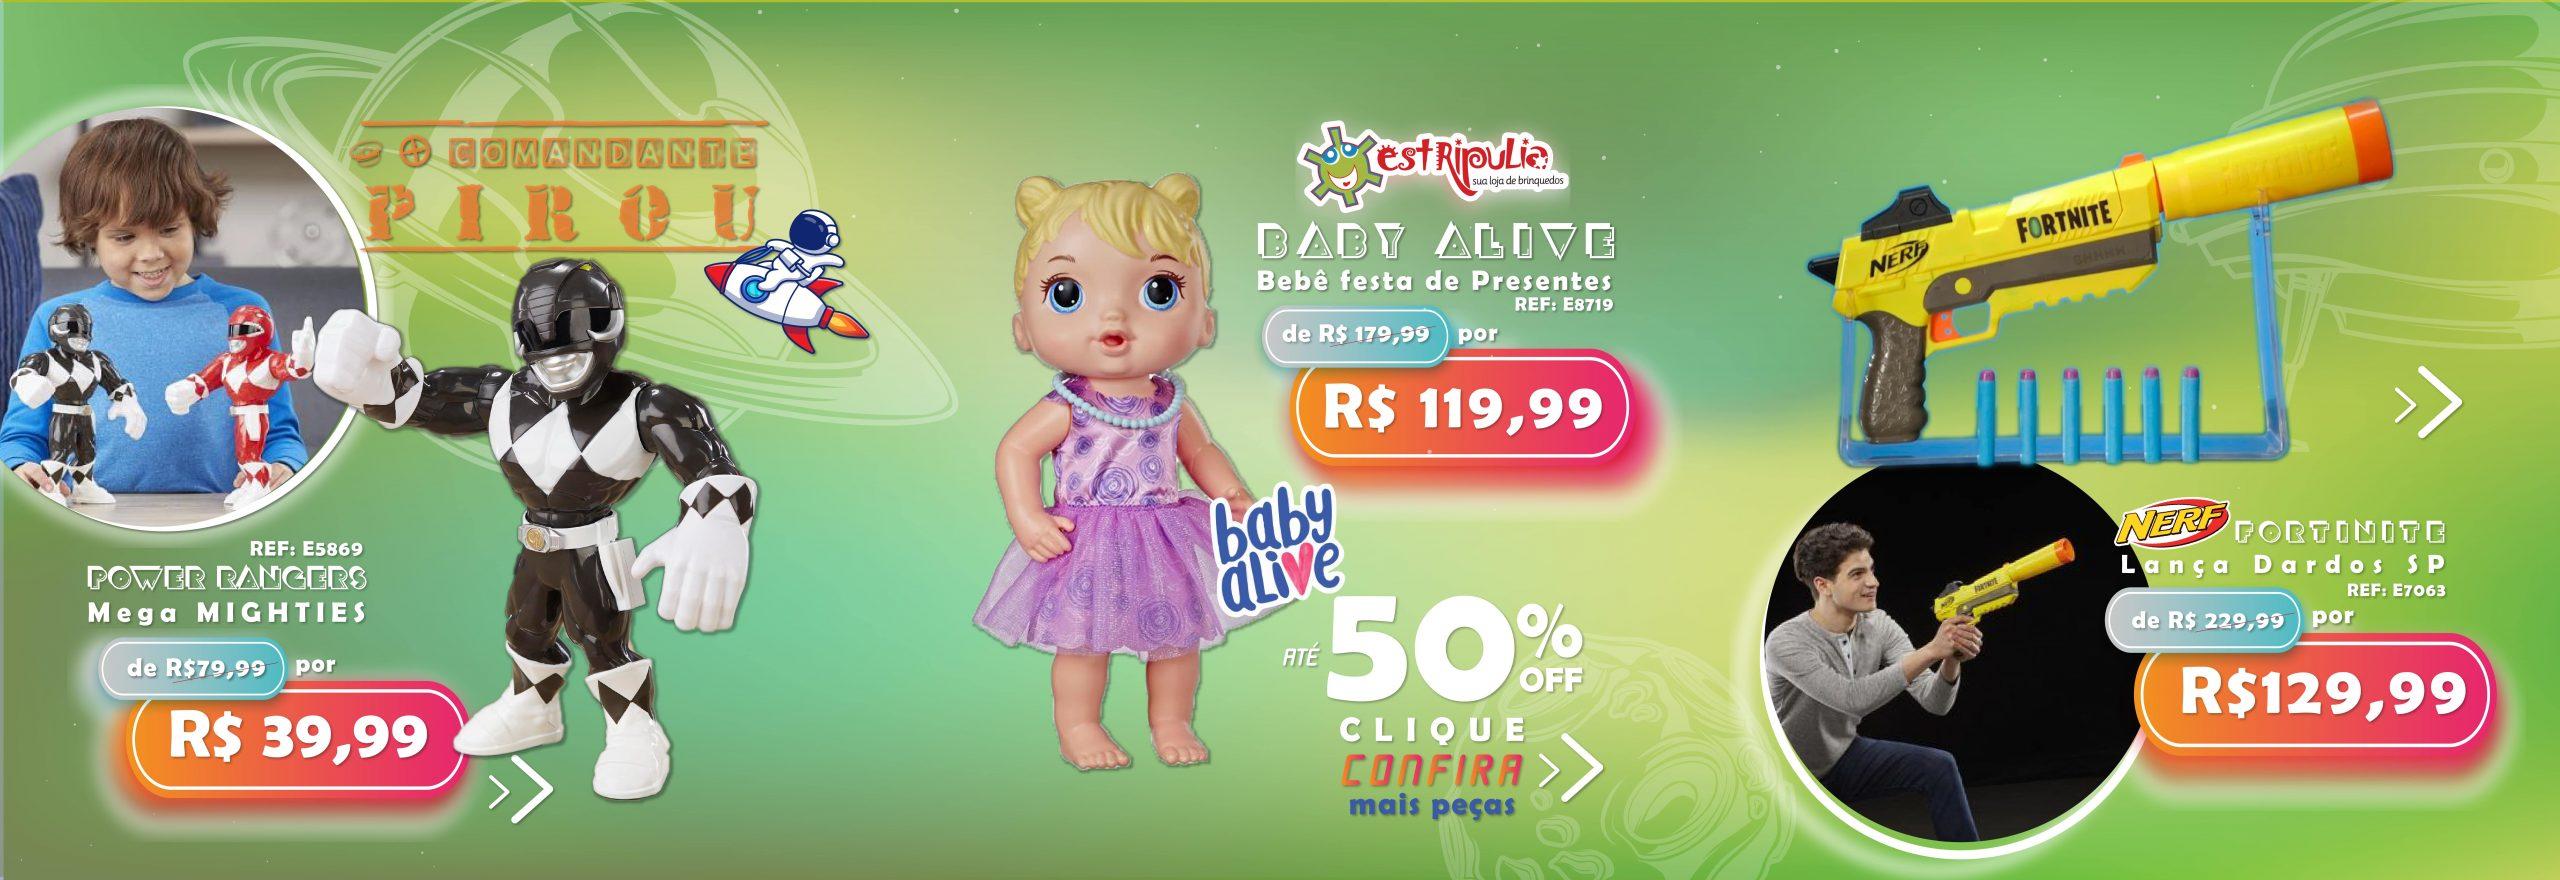 Hasbro Promoção Brinquedos